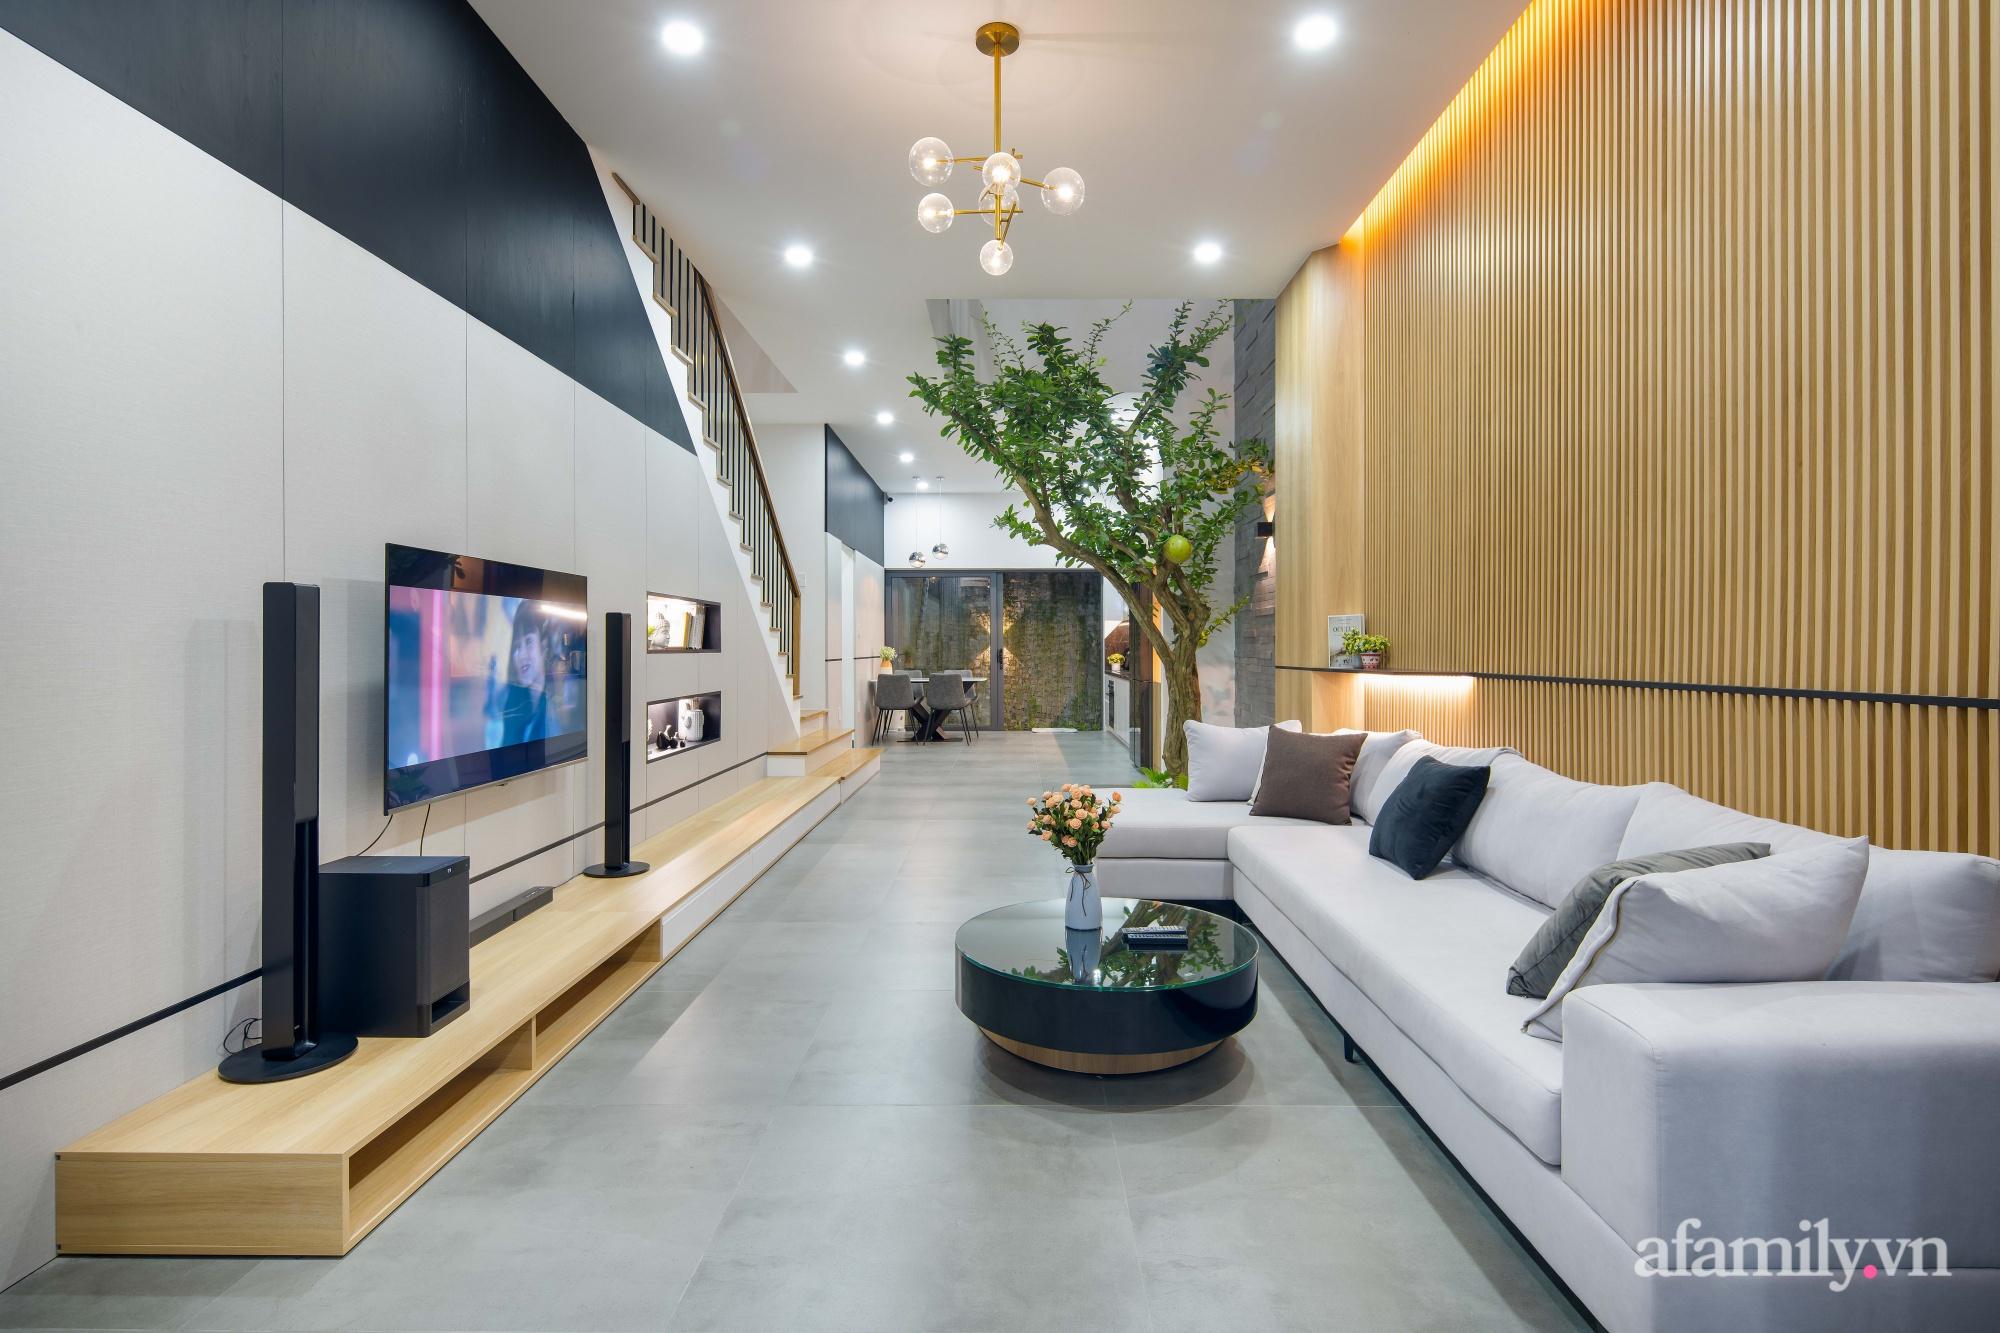 Nhà phố 3 tầng đẹp hiện đại với phong cách tối giản ngập tràn ánh sáng và cây xanh ở Đà Nẵng - Ảnh 5.